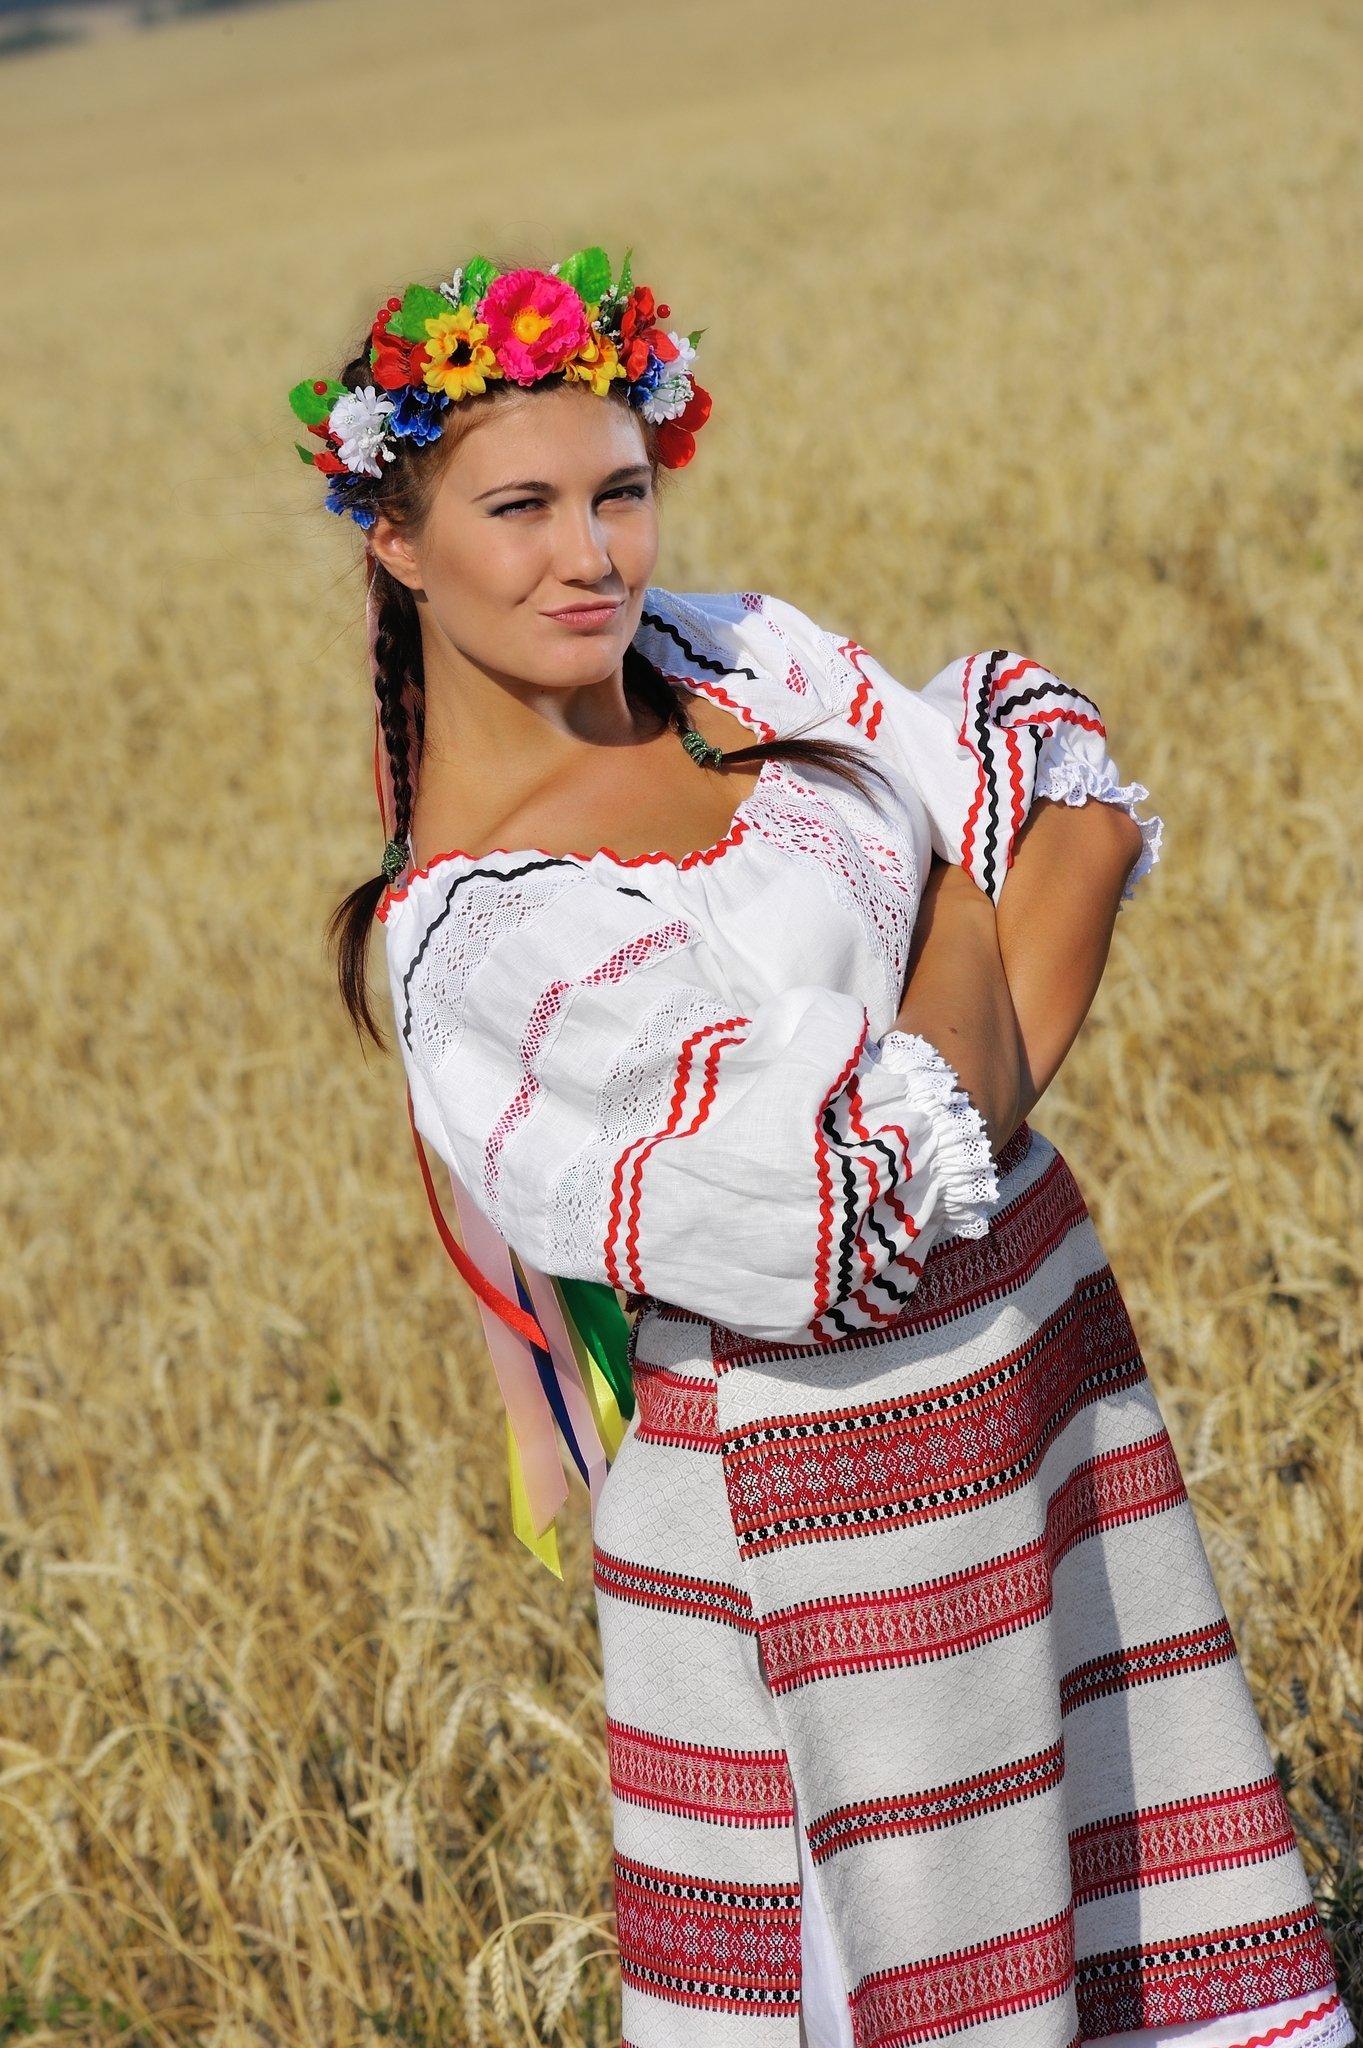 полные украинки фото является визитной карточкой